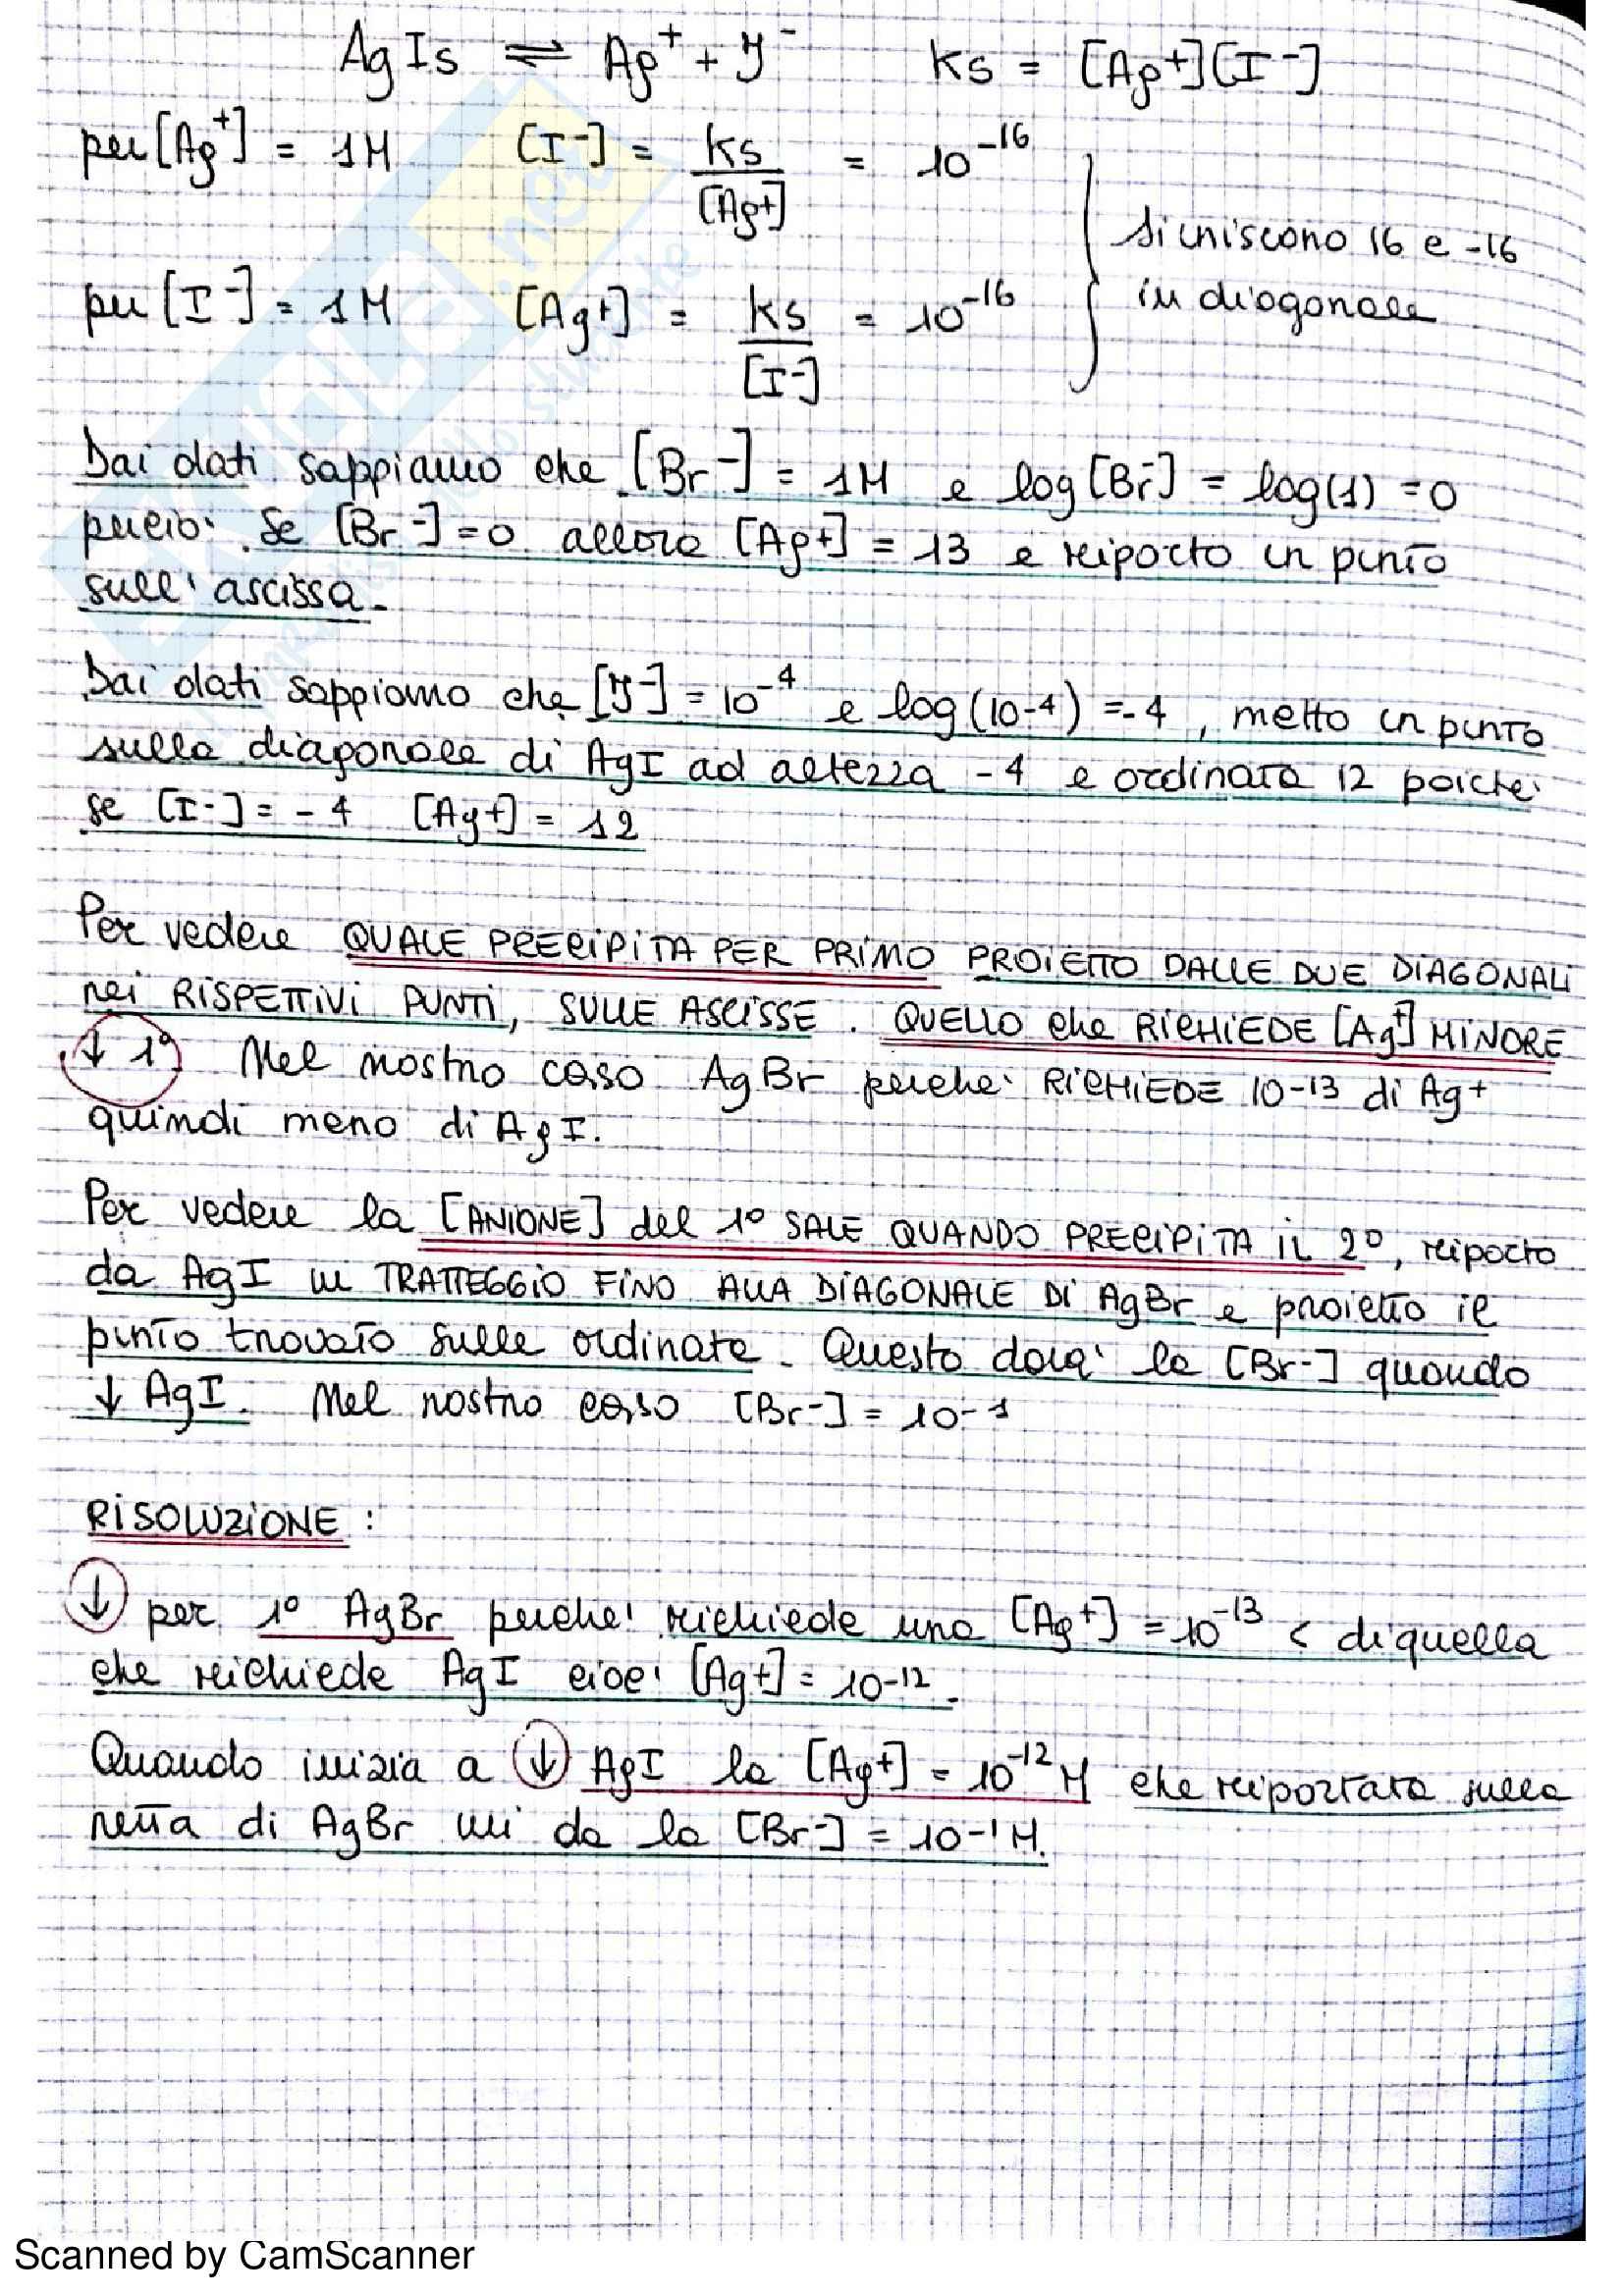 Appunti completi di chimica analitica comprensivi di esercizi d'esame Pag. 51